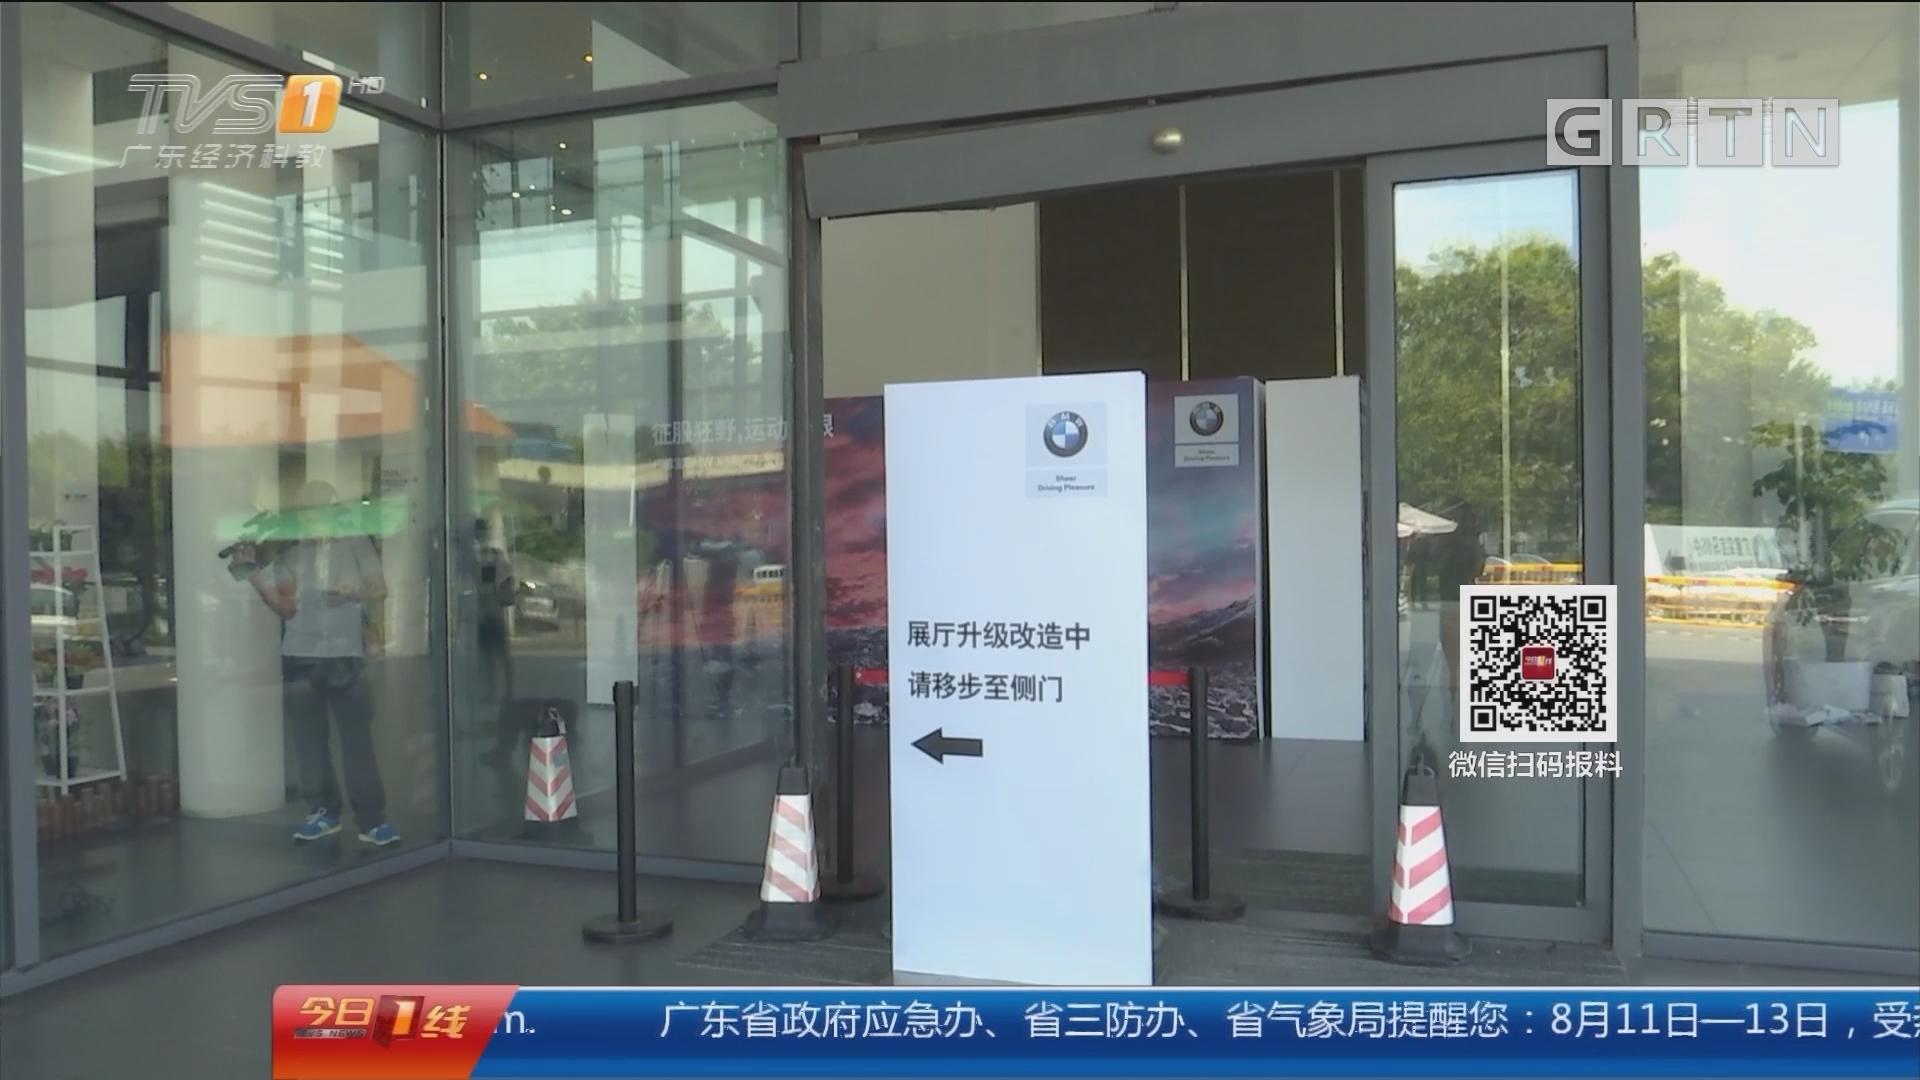 广州海珠区:女司机试驾 撞烂玻璃门直冲前台